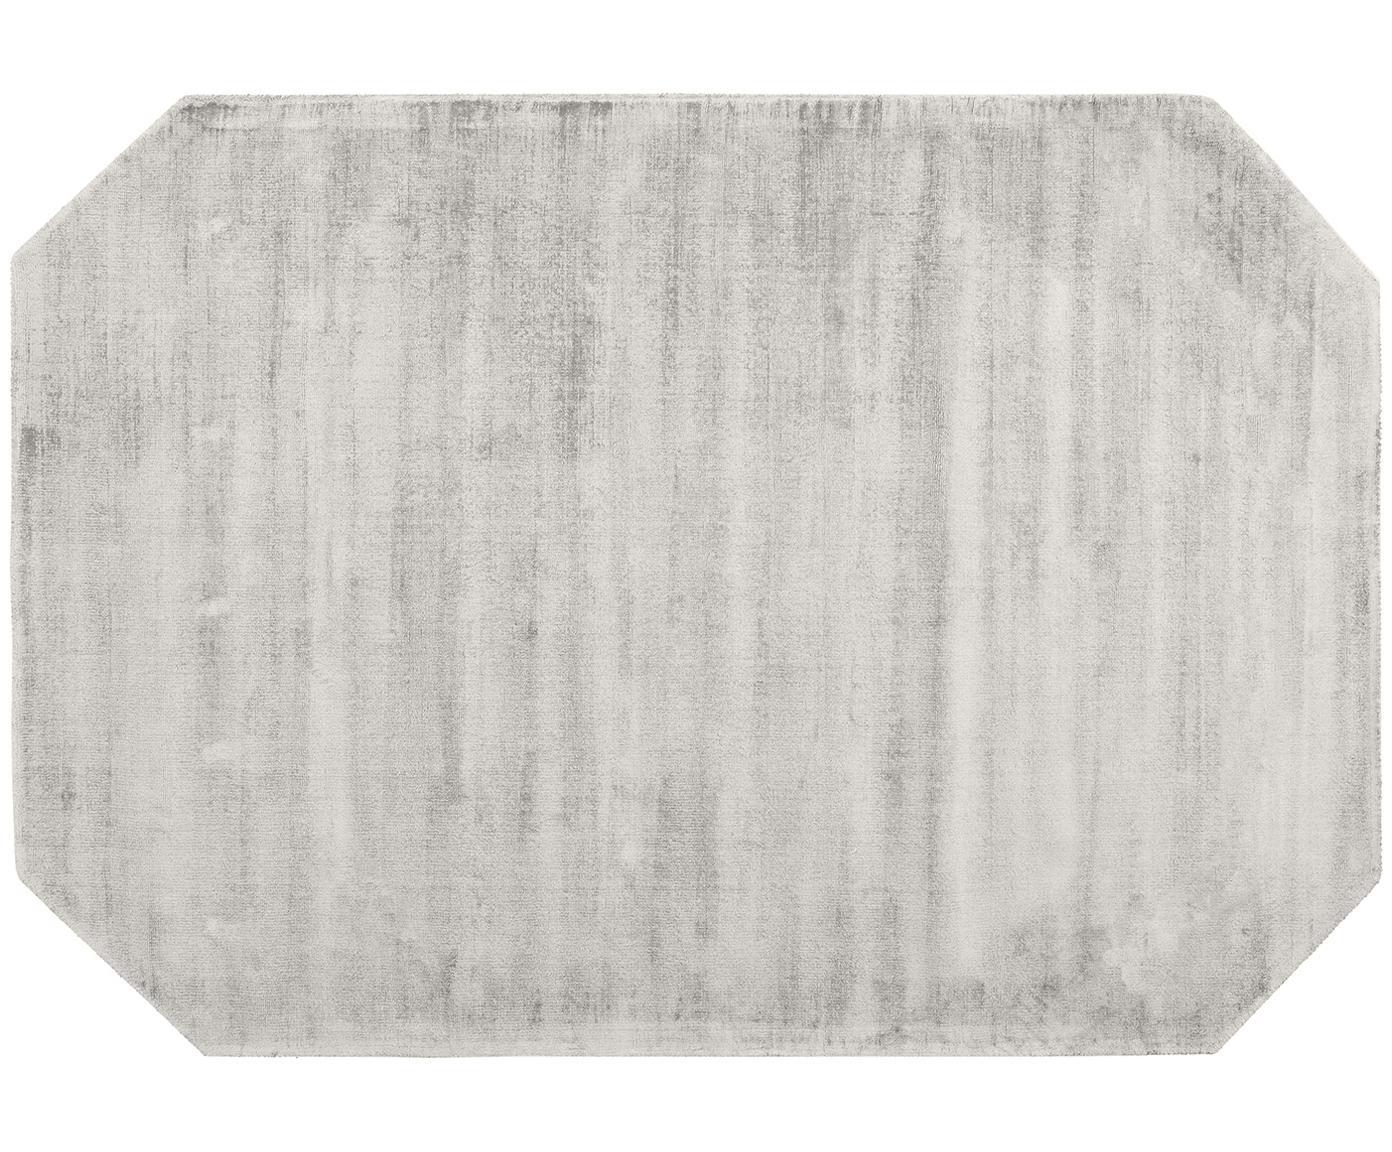 Handgewebter Viskoseteppich Jane Diamond in Hellgrau-Beige, Flor: 100% Viskose, Hellgrau-Beige, B 120 x L 180 cm (Grösse S)